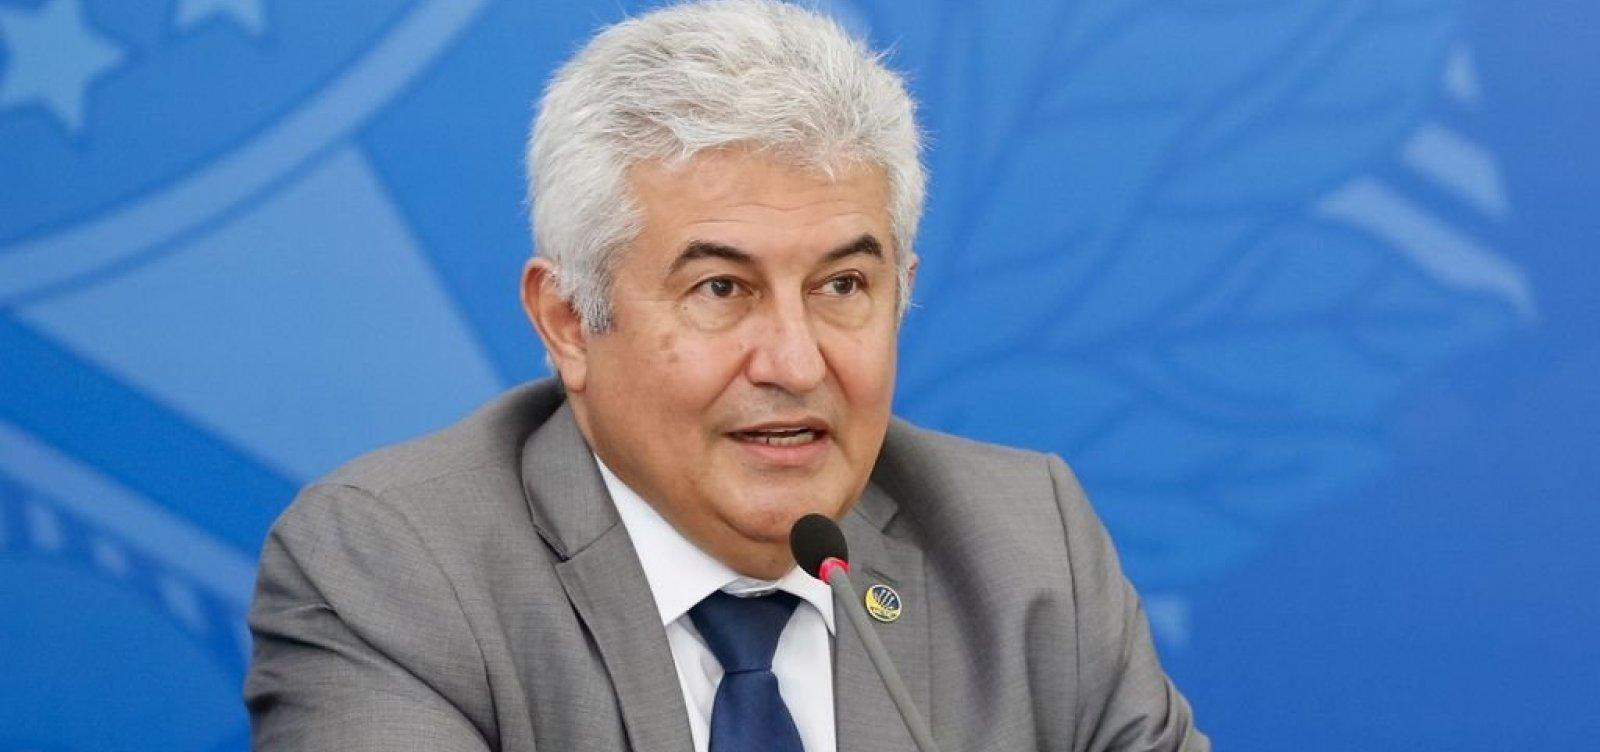 [Ministro Marcos Pontes diz que está com Covid-19]